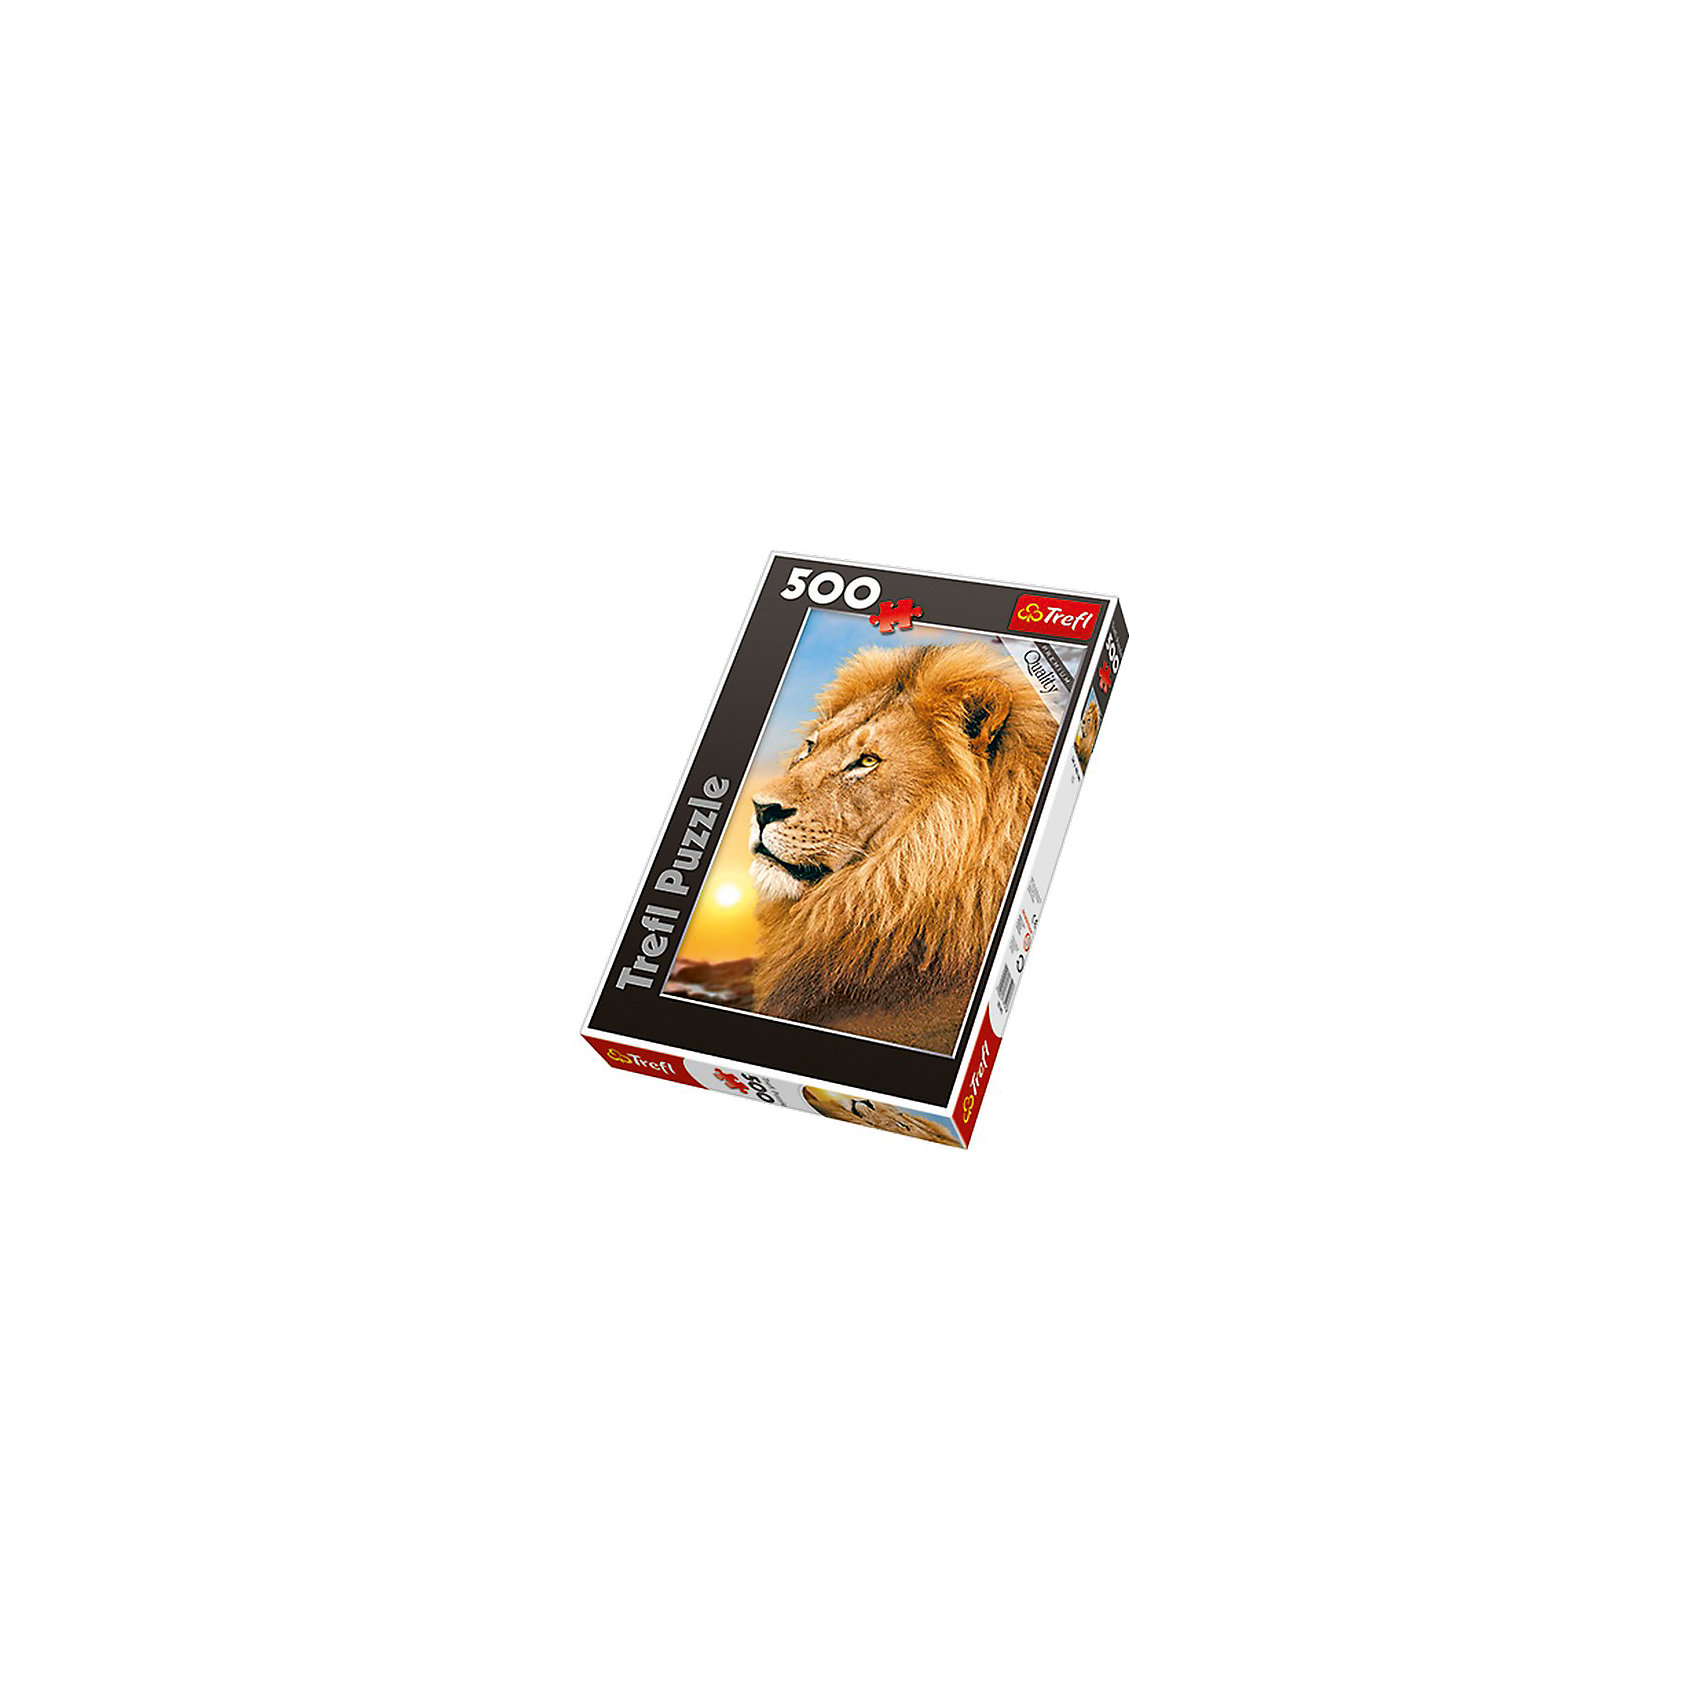 Пазл Лев, 500 деталей, TreflПазлы для детей постарше<br>Характеристики товара:<br><br>• возраст от 10 лет;<br>• материал: картон;<br>• в наборе: 500 элементов;<br>• размер пазла 48х34 см;<br>• размер упаковки 26,6х39,8х4,5 см;<br>• вес упаковки 500 гр.;<br>• страна производитель Польша.<br><br>Пазл «Лев» Trefl — пазл с изображением царя зверей Льва.  Собирая пазл, у ребенка развиваются логическое мышление, внимательность к деталям, усидчивость. Все элементы выполнены из качественного экологически чистого картона со специальным стойким покрытием.<br><br>Пазл «Лев» Trefl можно приобрести в нашем интернет-магазине.<br><br>Ширина мм: 266<br>Глубина мм: 398<br>Высота мм: 45<br>Вес г: 500<br>Возраст от месяцев: 120<br>Возраст до месяцев: 2147483647<br>Пол: Унисекс<br>Возраст: Детский<br>SKU: 5578457